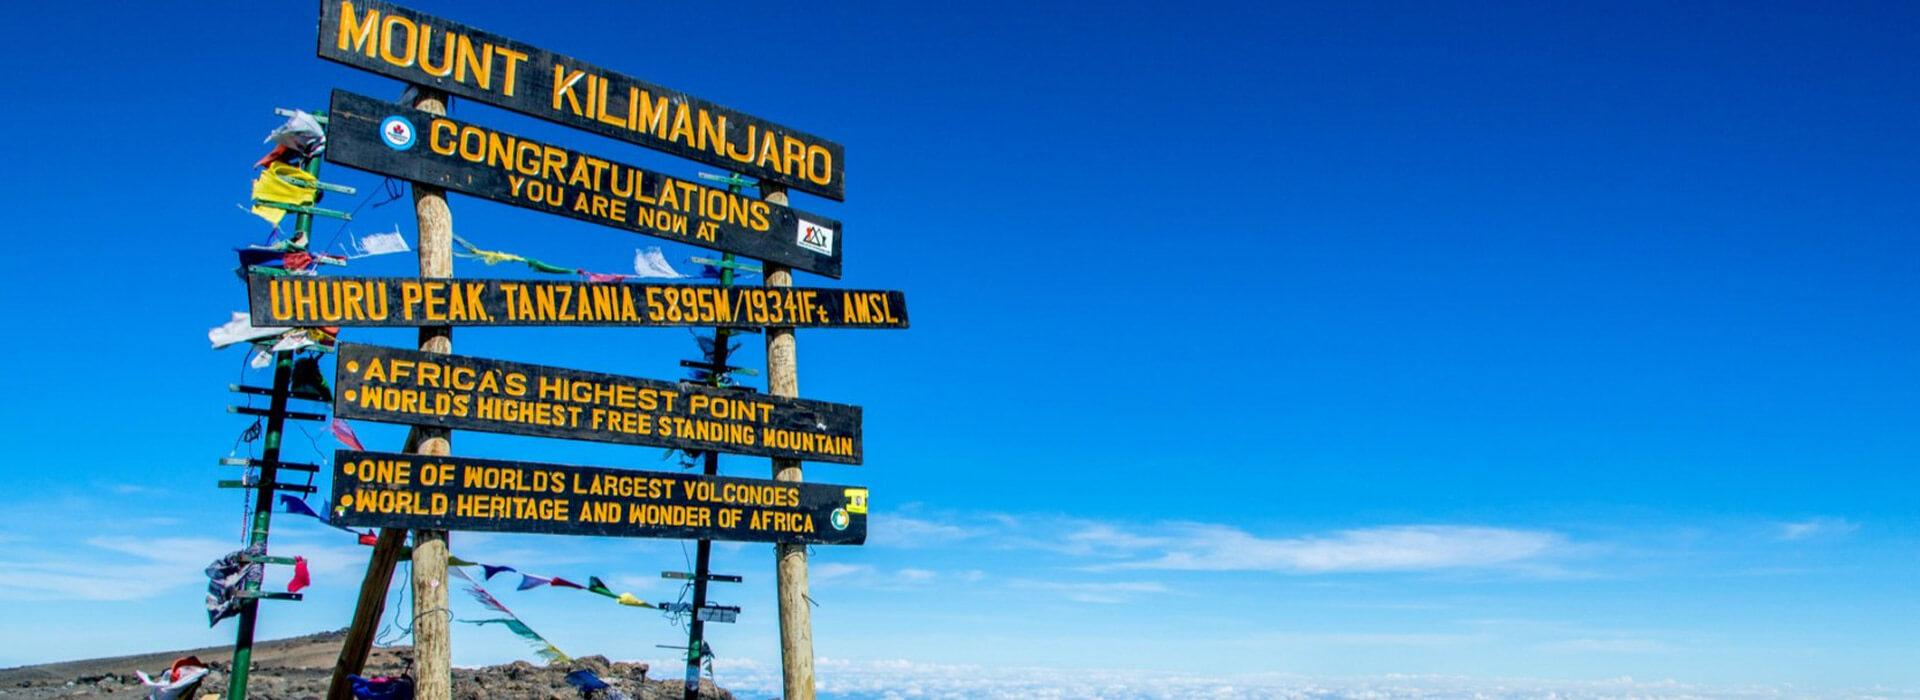 Mount Kilimanjaro banner